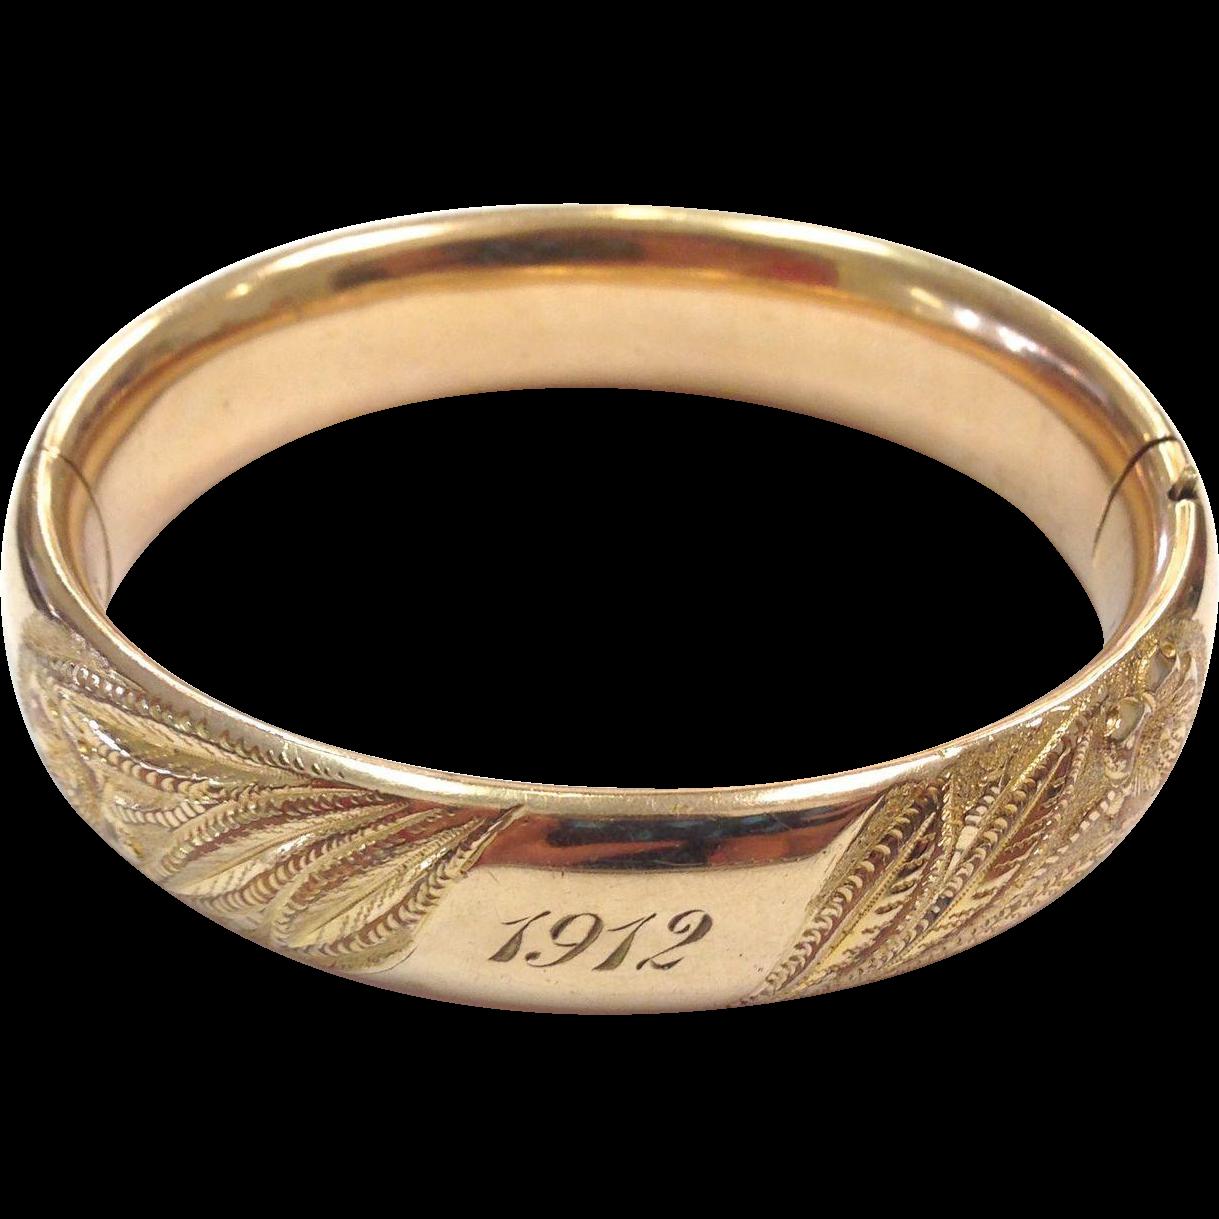 Vintage 1912 Victorian Engraved Gold Filled Hinged Bangle Bracelet